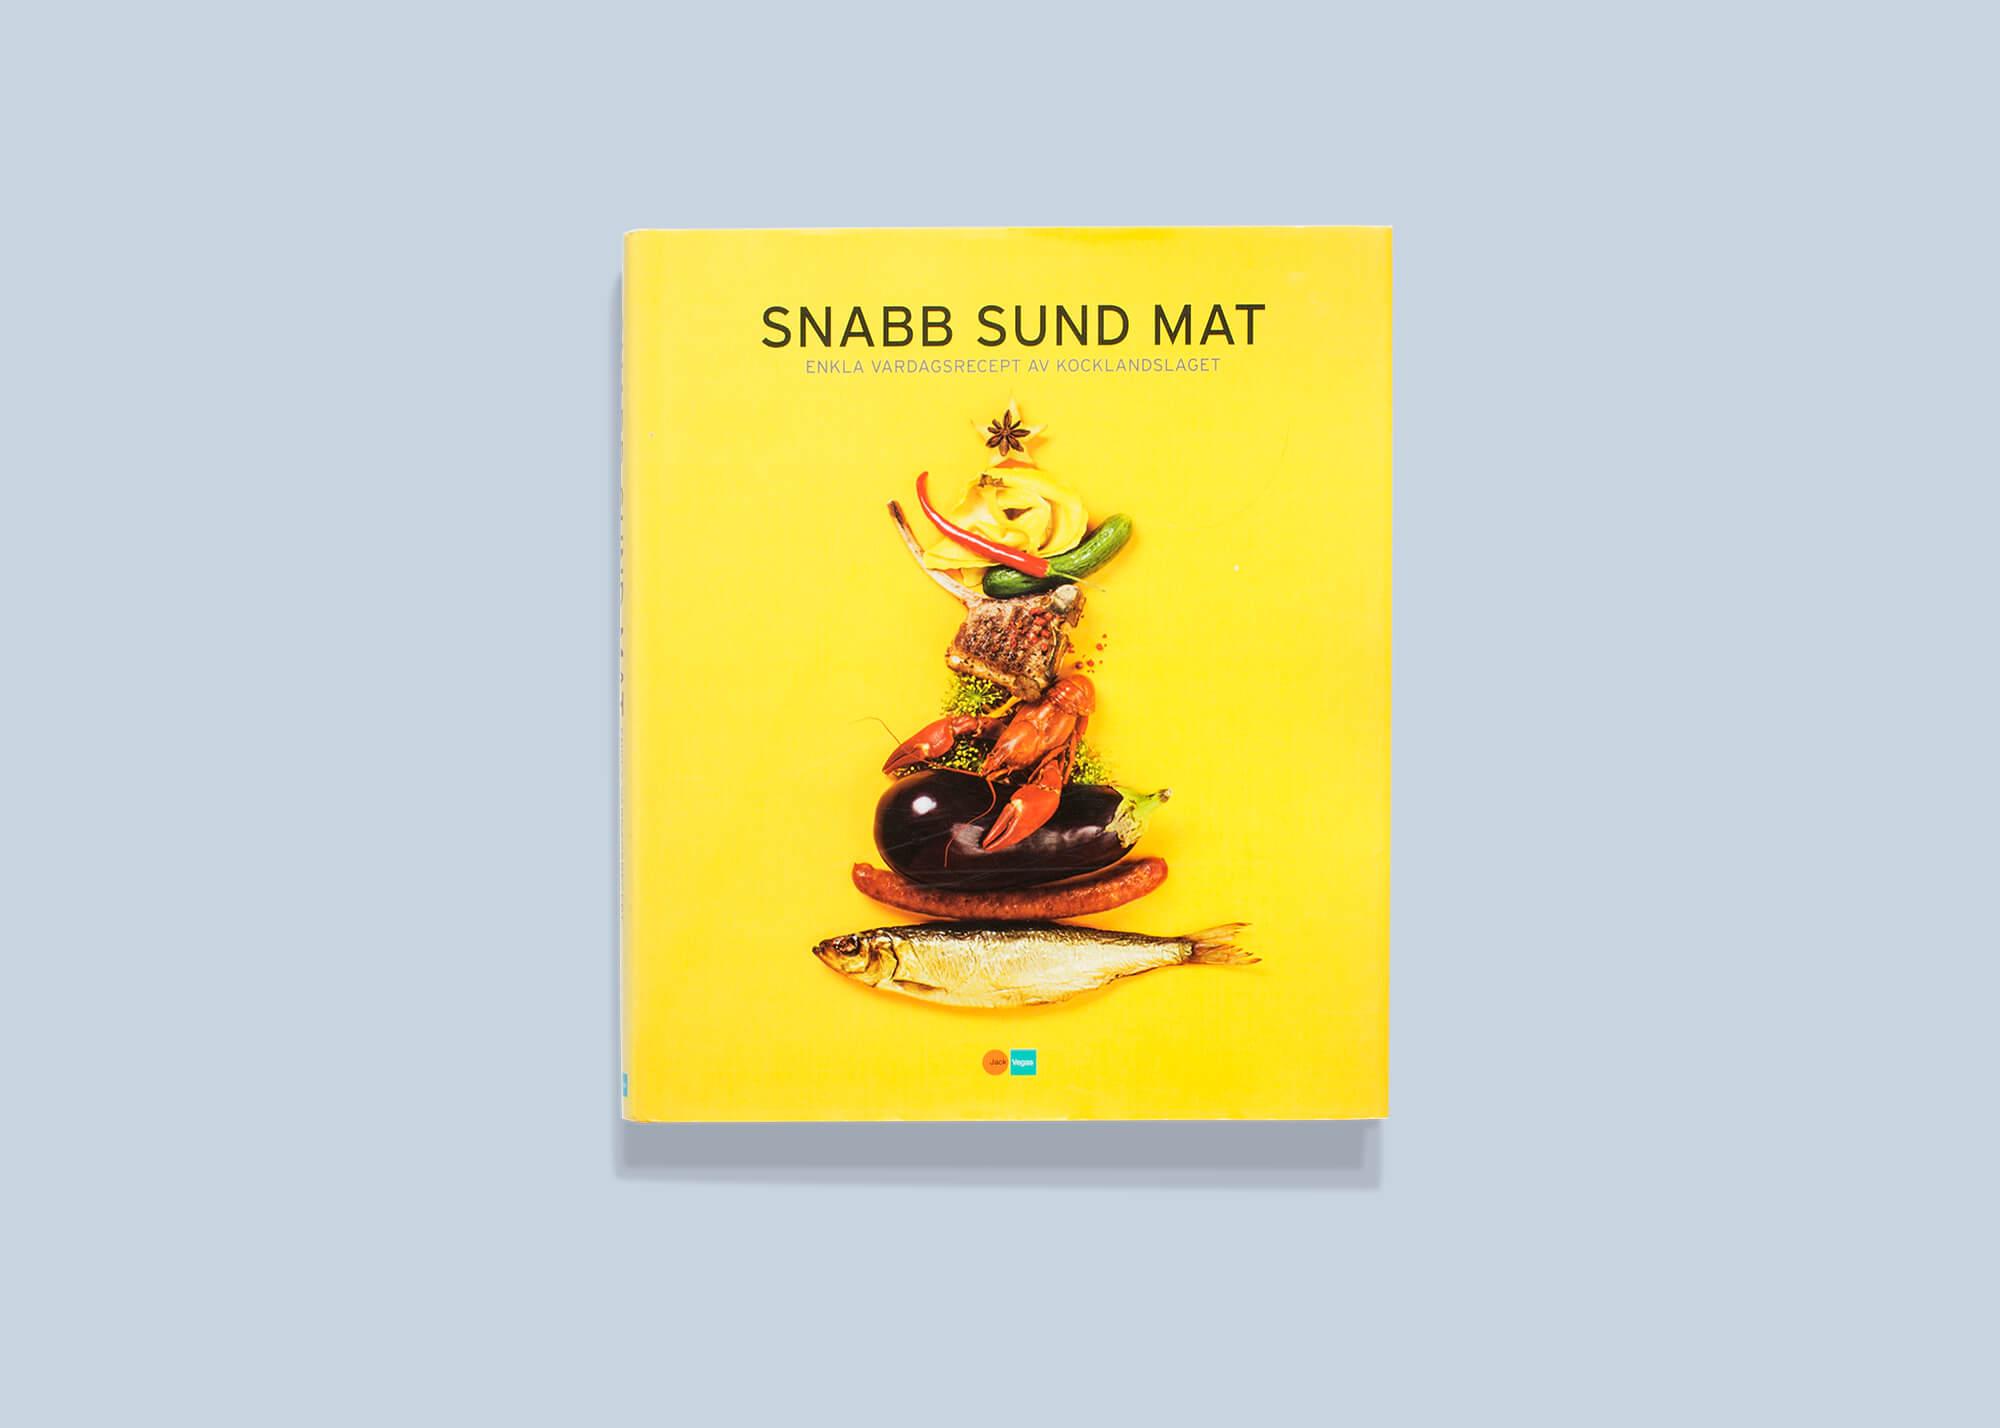 snabb-sund-mat_cover.jpg